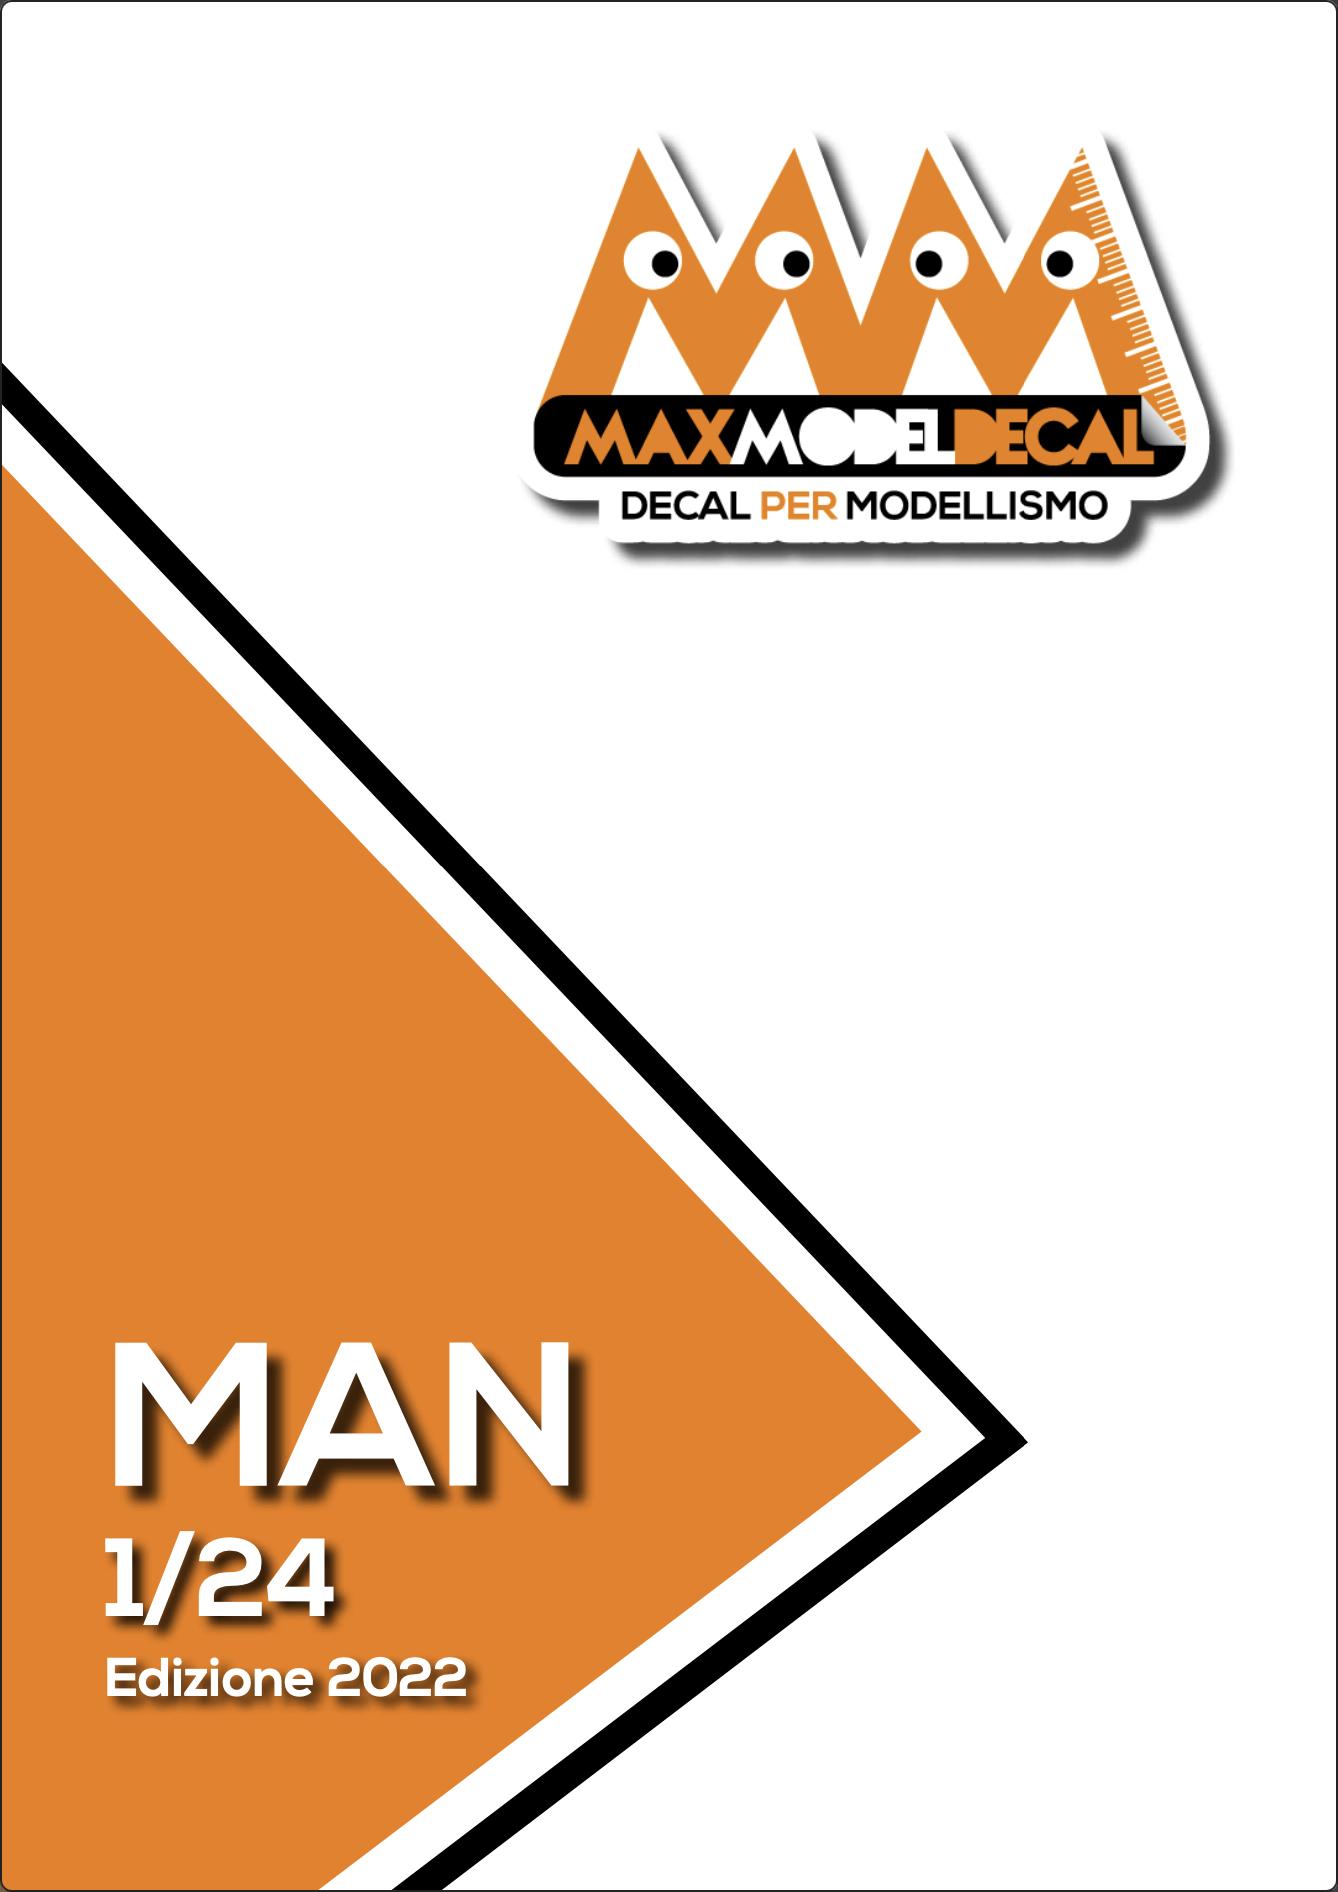 MAN_24_2021.png